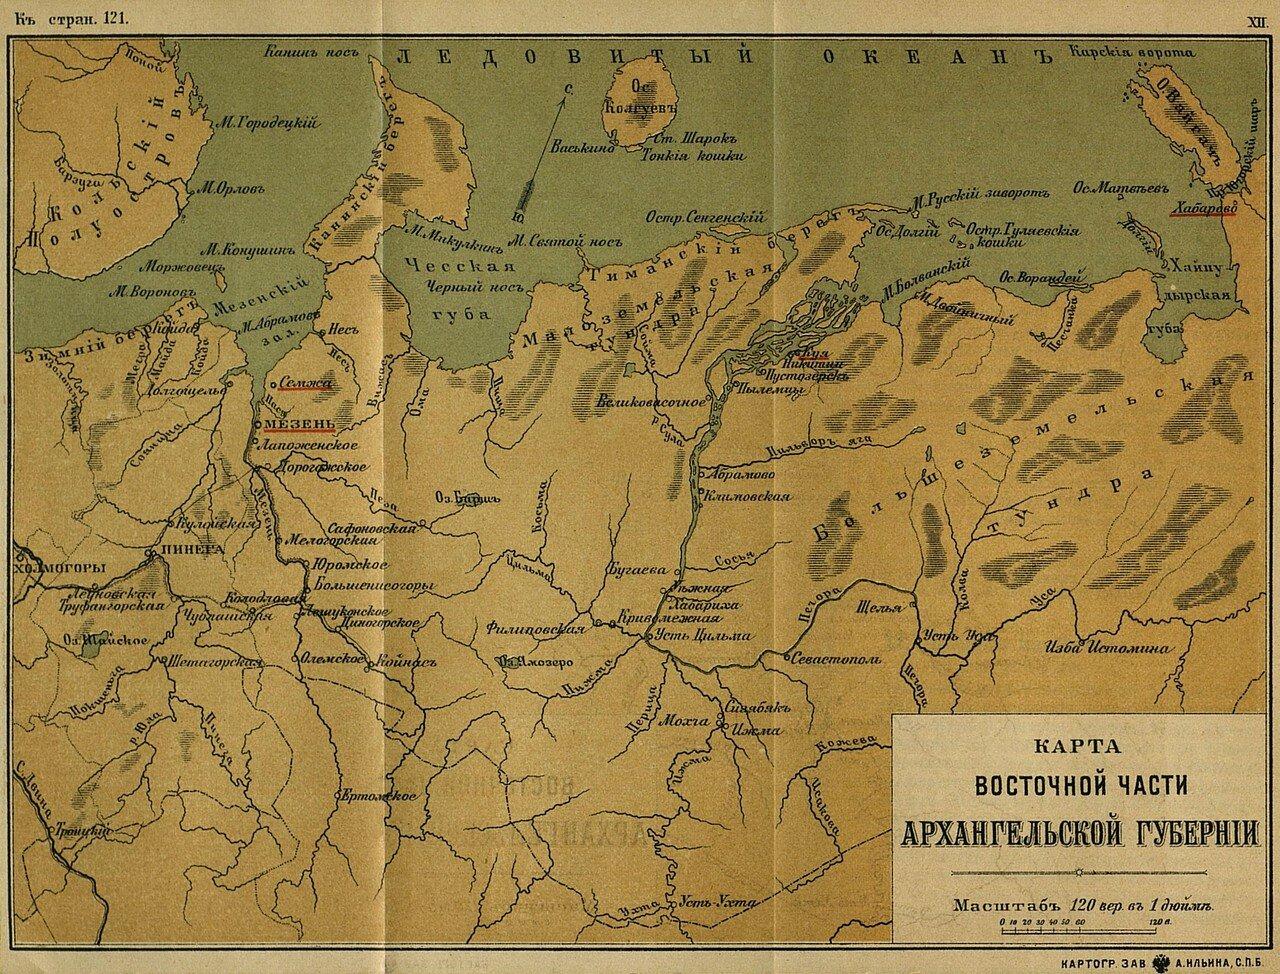 Архангельская губерния. Восточная часть, 1899